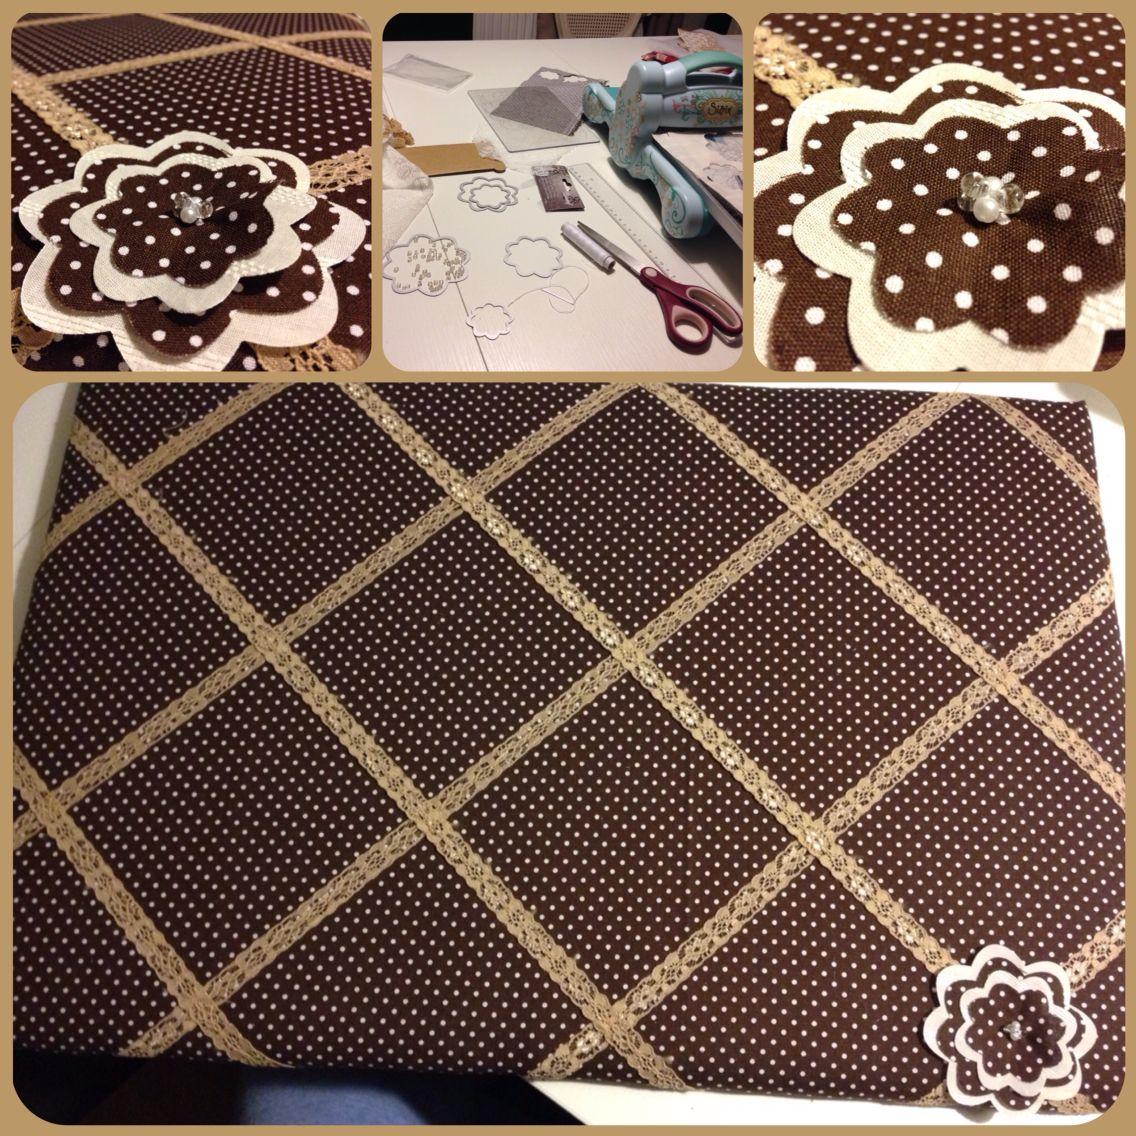 pinnwand gestalten memoboards pinterest w nde basteln und gestalten. Black Bedroom Furniture Sets. Home Design Ideas